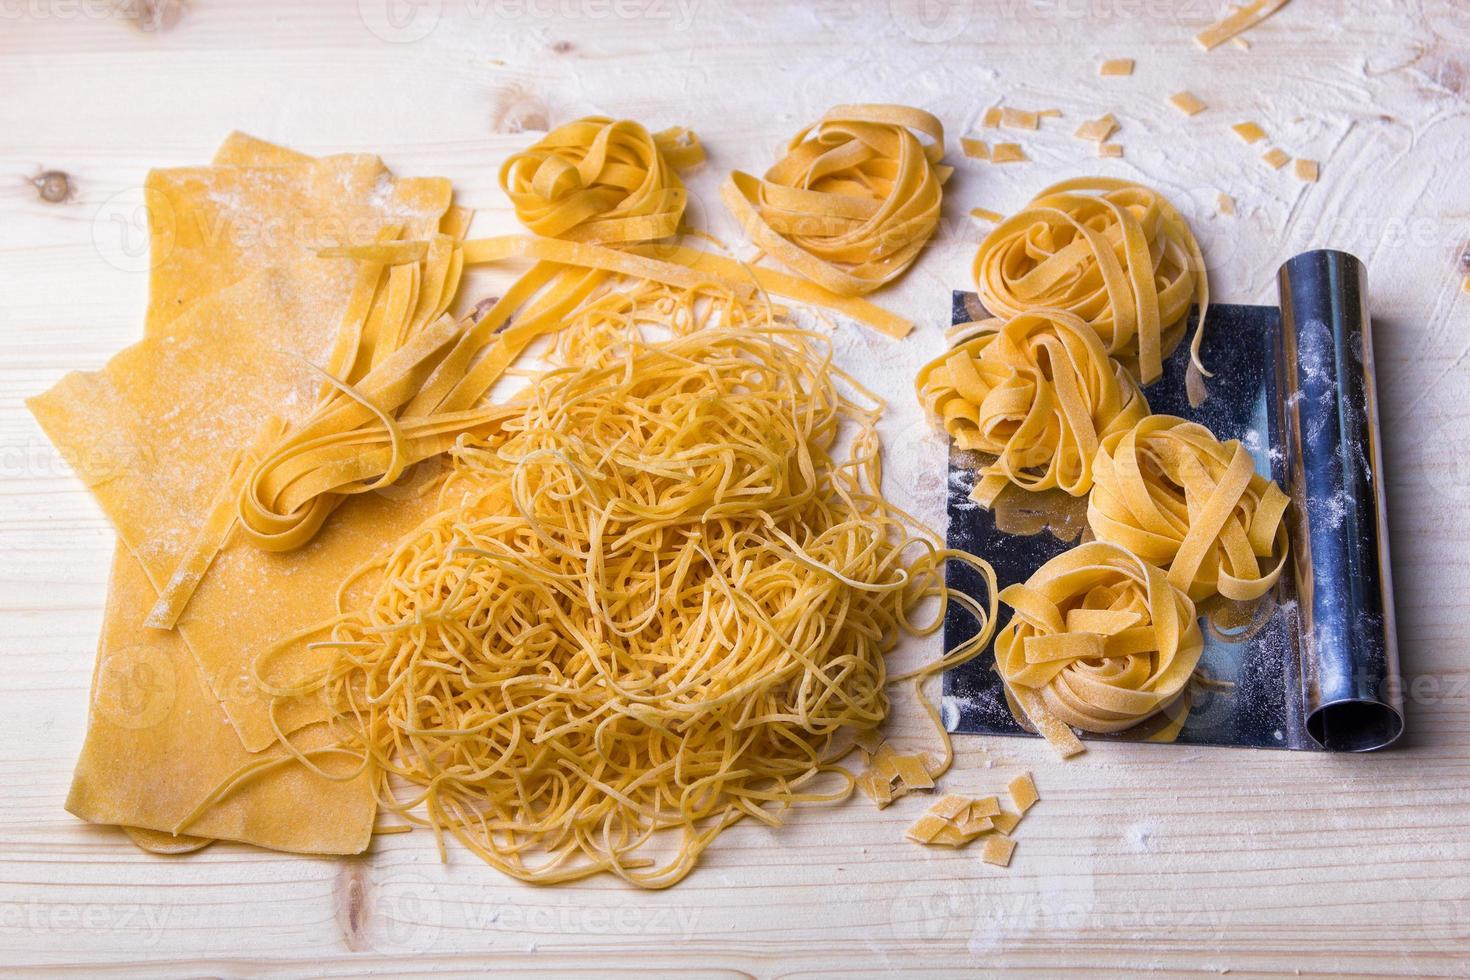 zelfgemaakte noedels en pasta op houten tafel foto